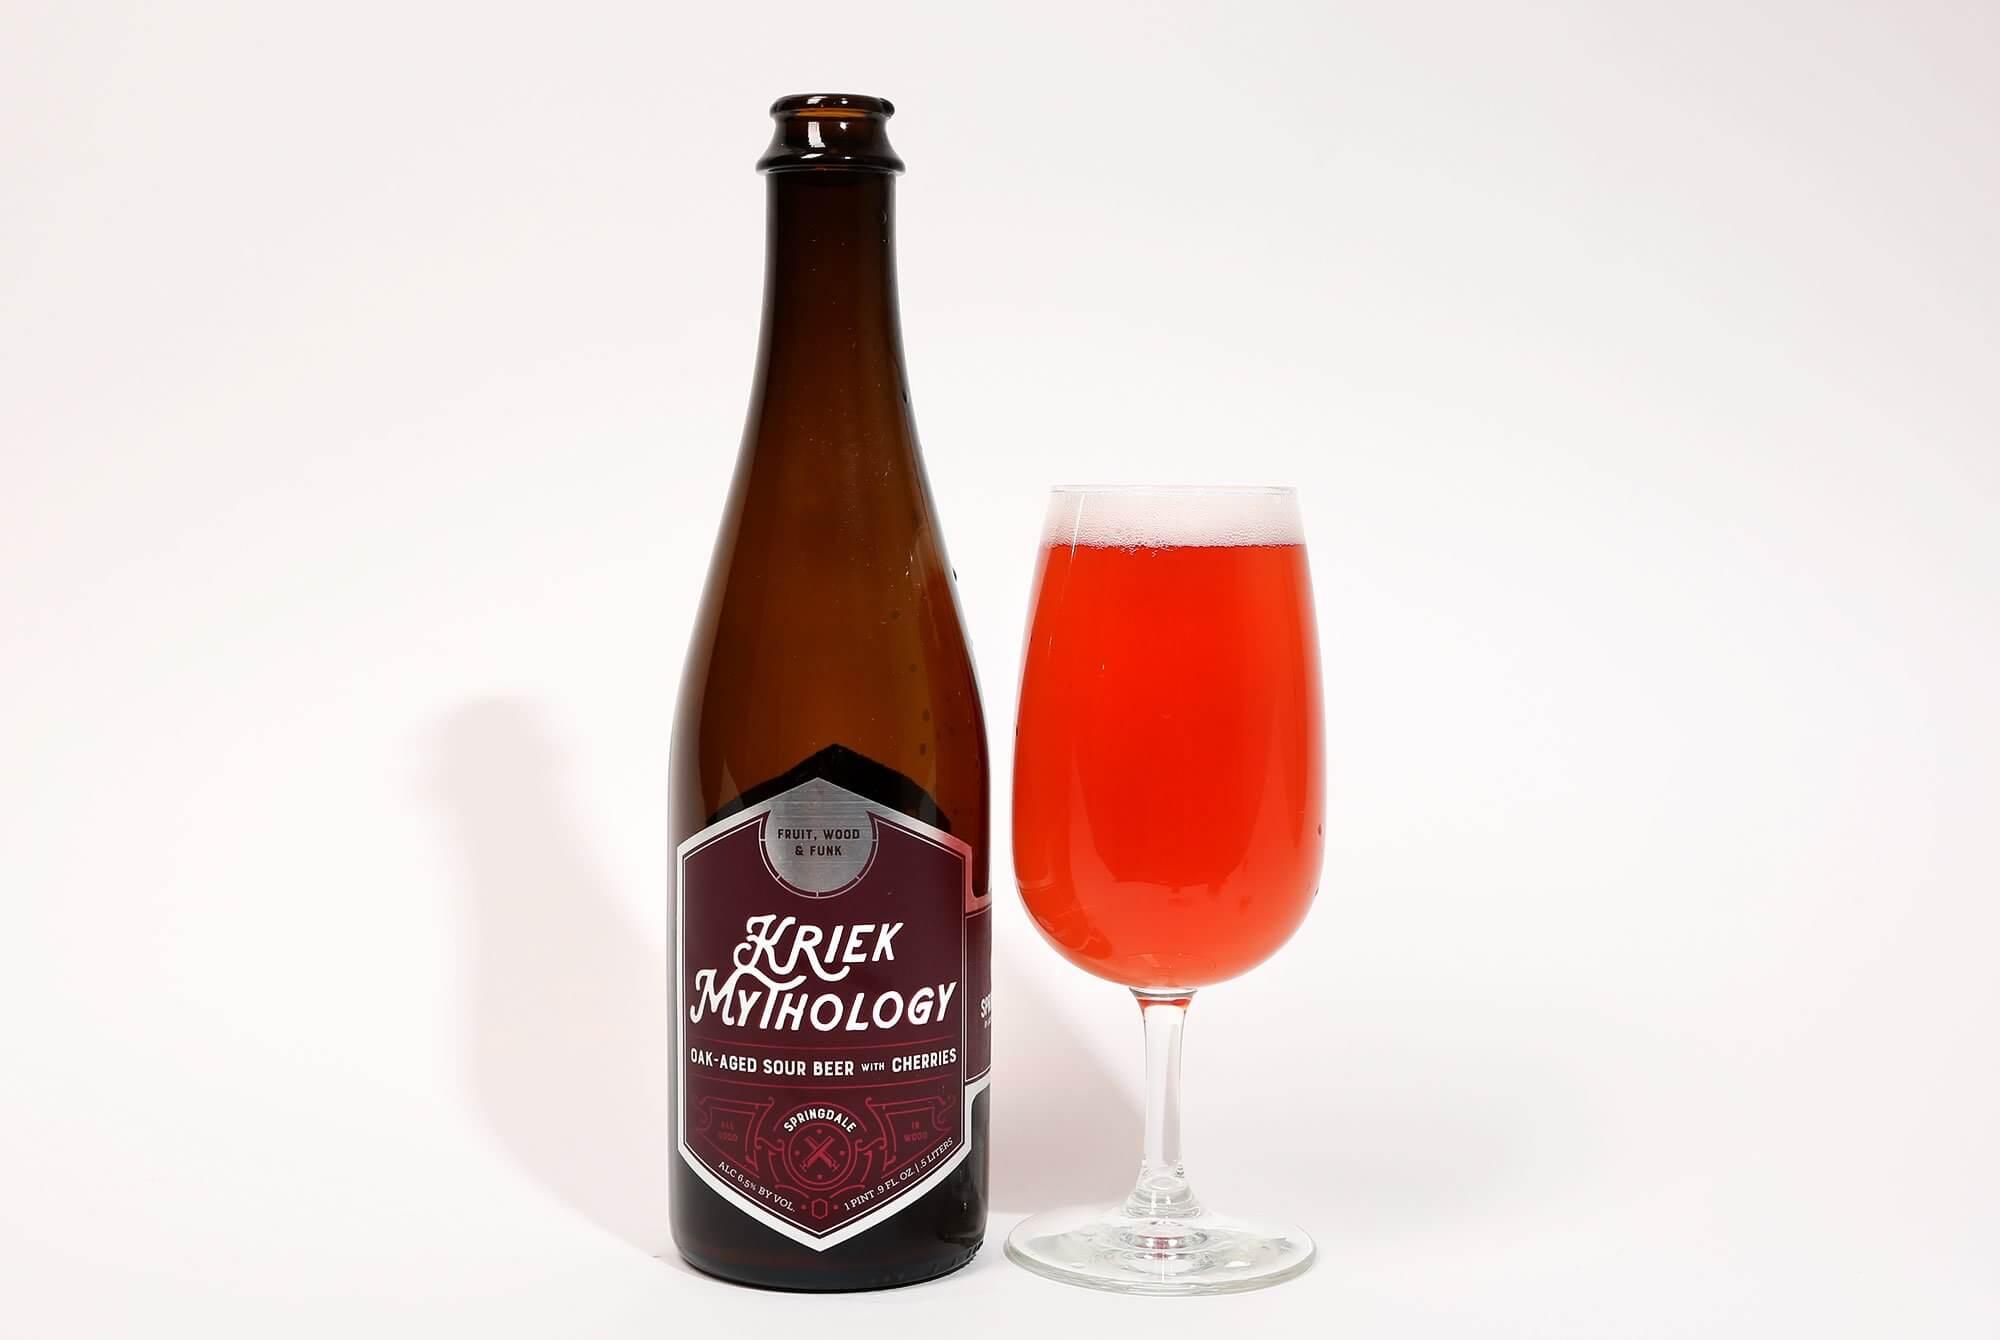 Springdale Beer — Kriek Mythology